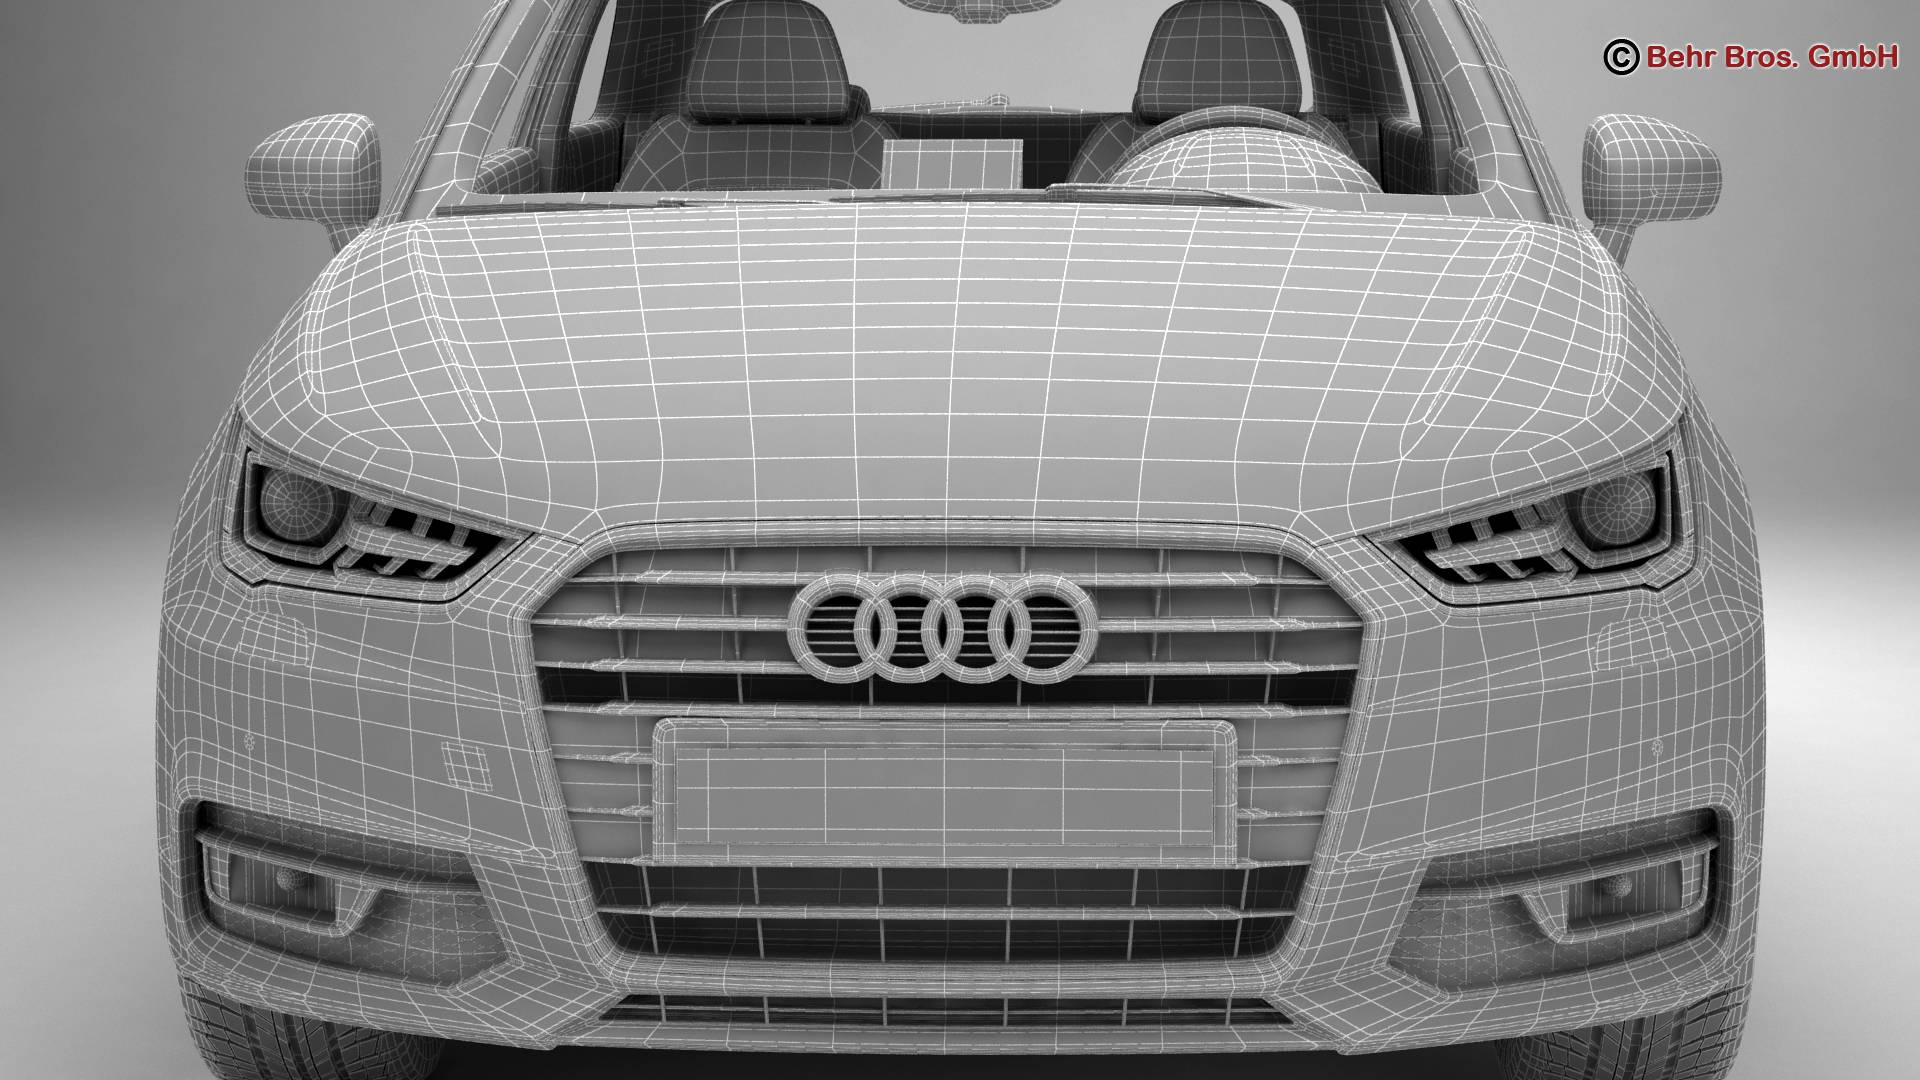 Audi a1 2015 3d model 3ds max fbx c4d am fwy o wybodaeth 214715